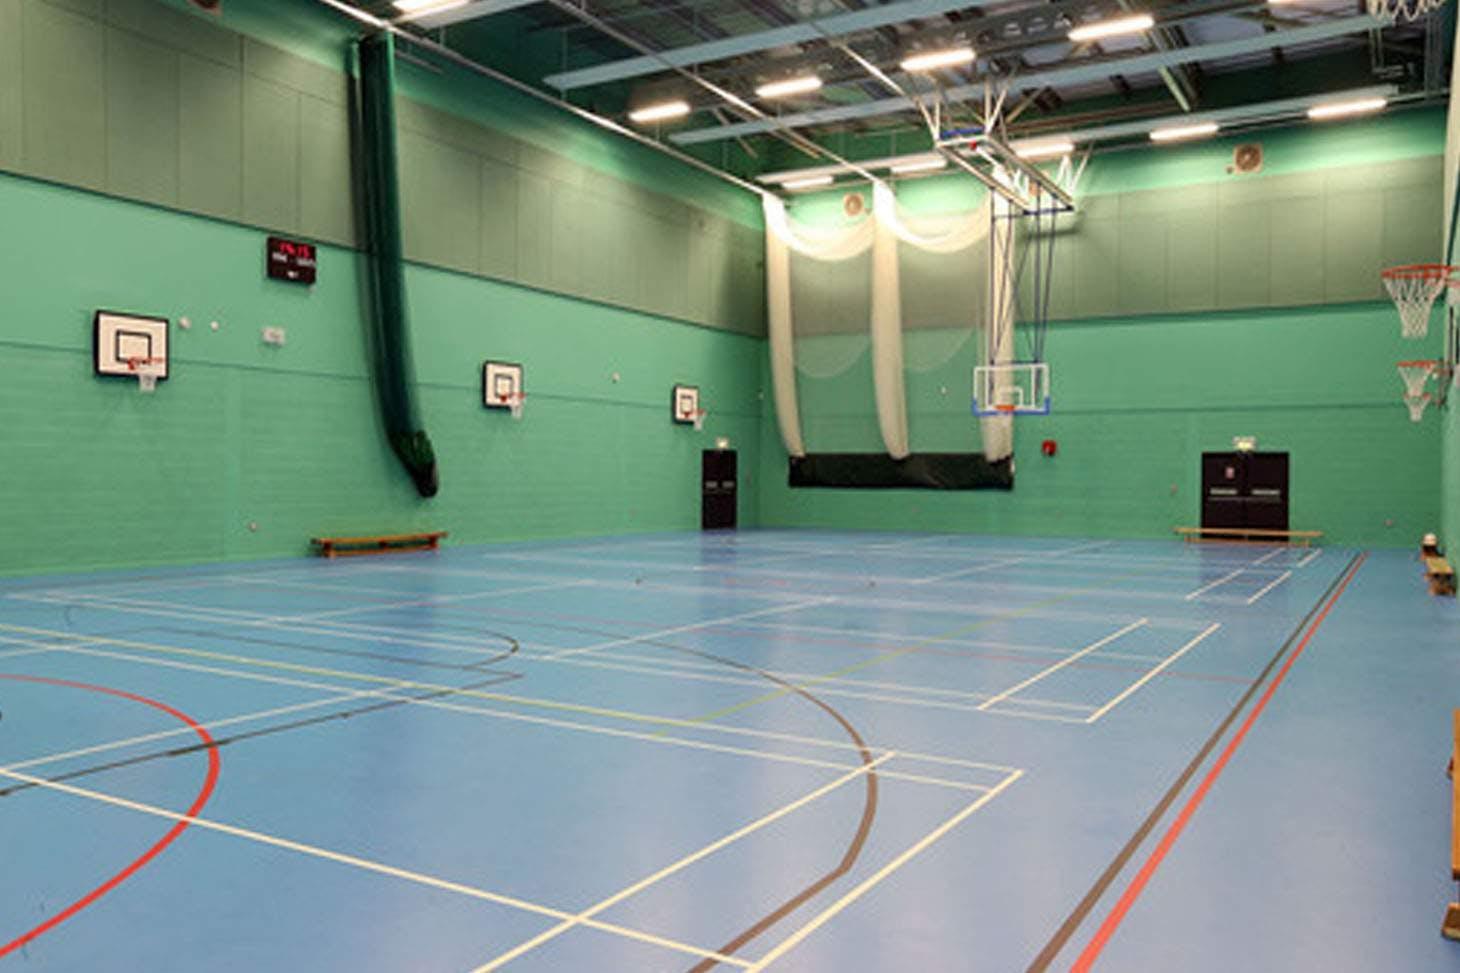 Harborne Academy Nets | Indoor cricket facilities